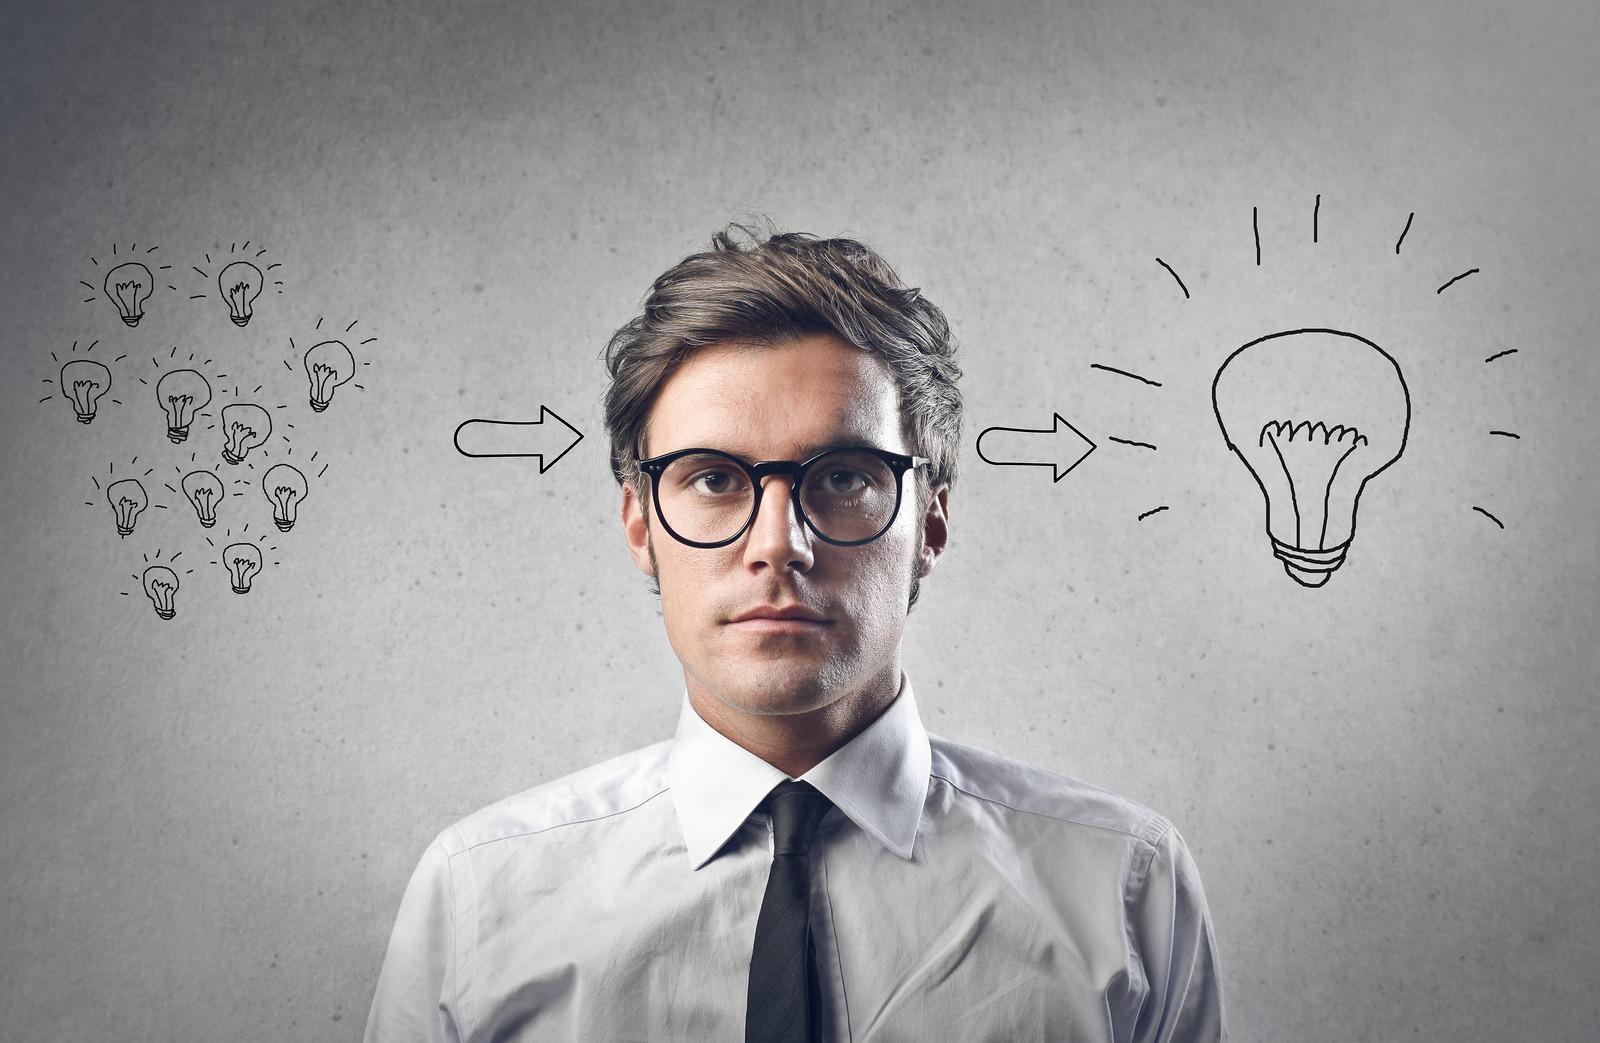 http://shbabbek.com/upload/لو هتكمل دراسات عليا.. 5 نصائح لاختيار التخصص المناسب